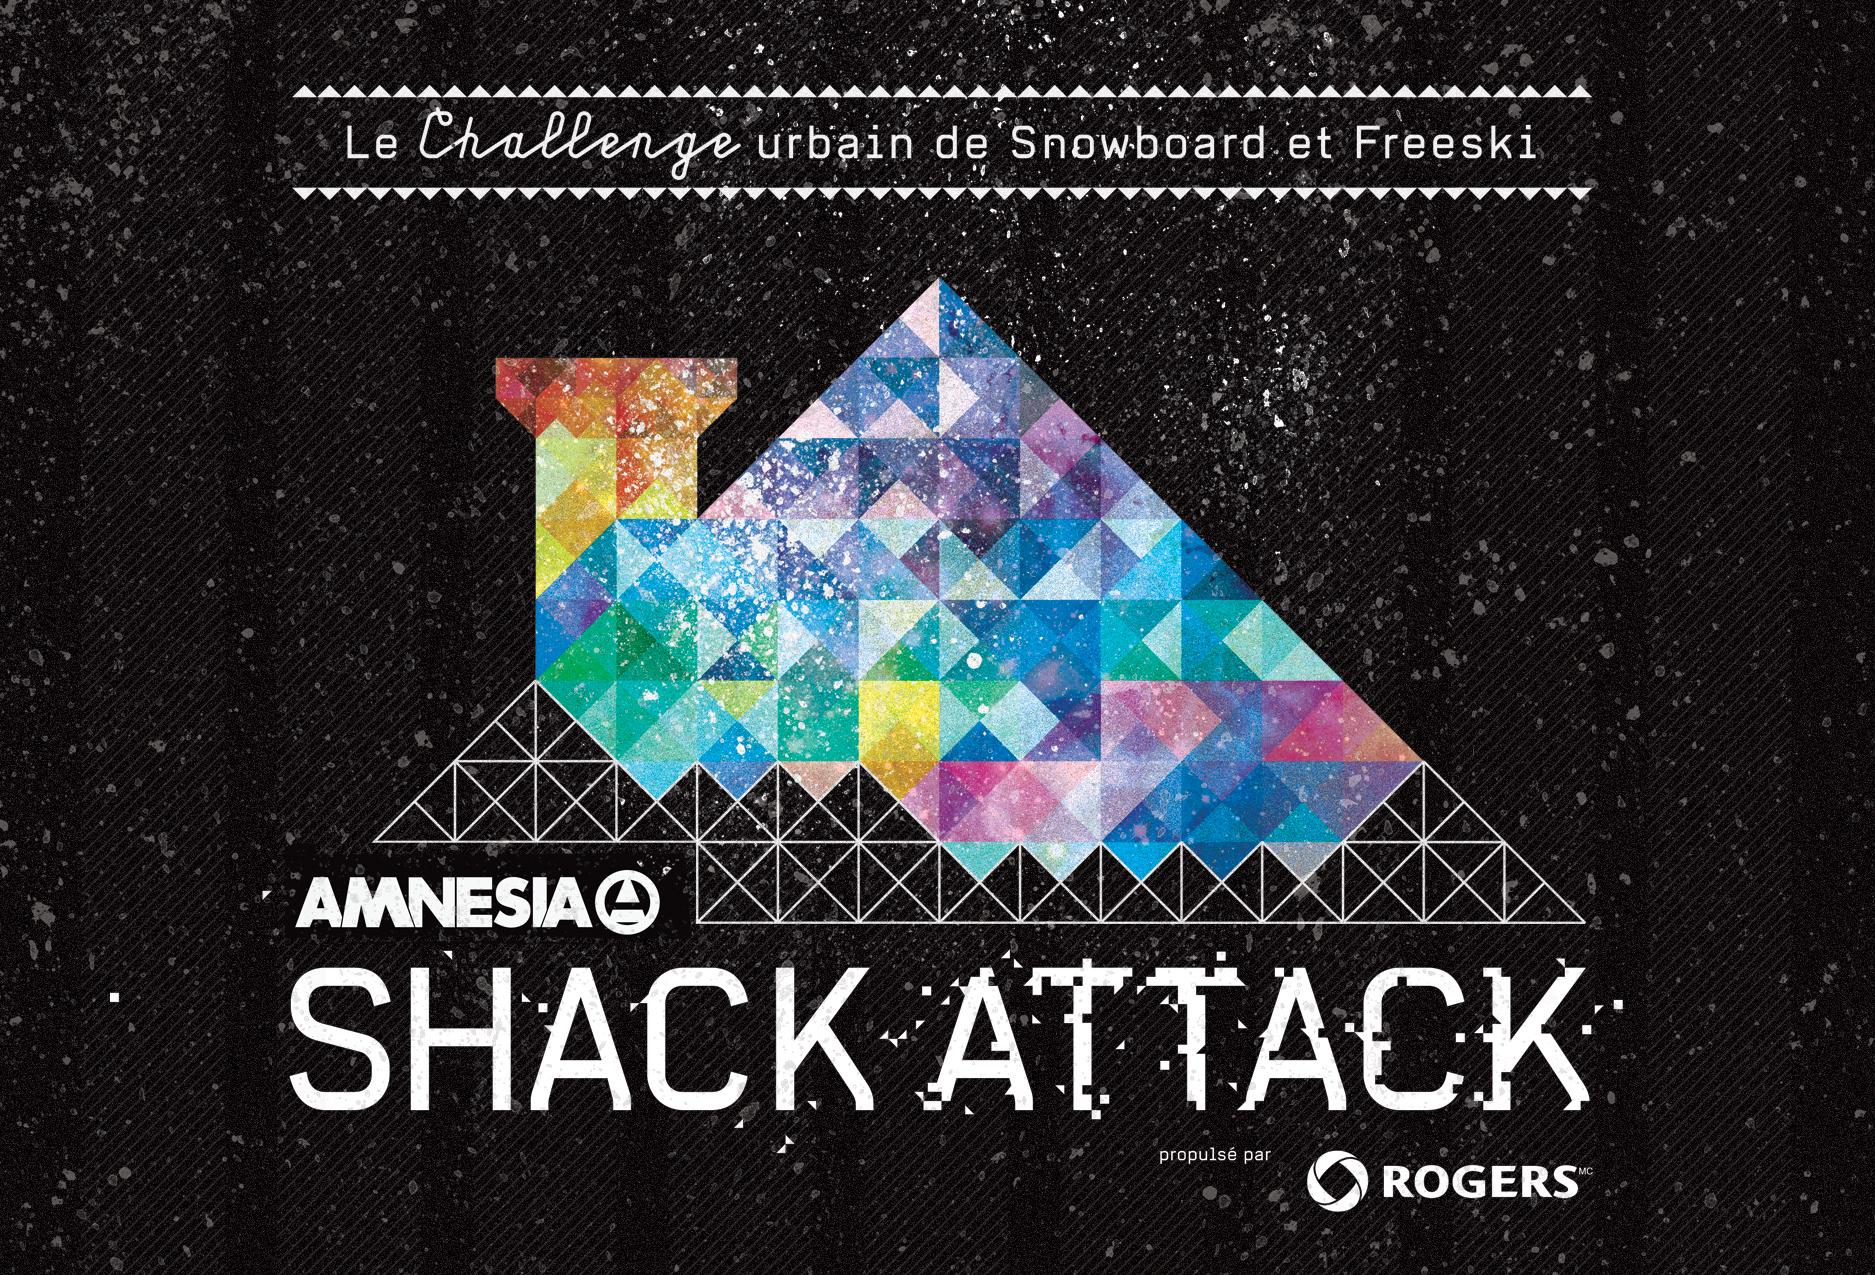 Shack_Attack_2_flyer_front.jpg